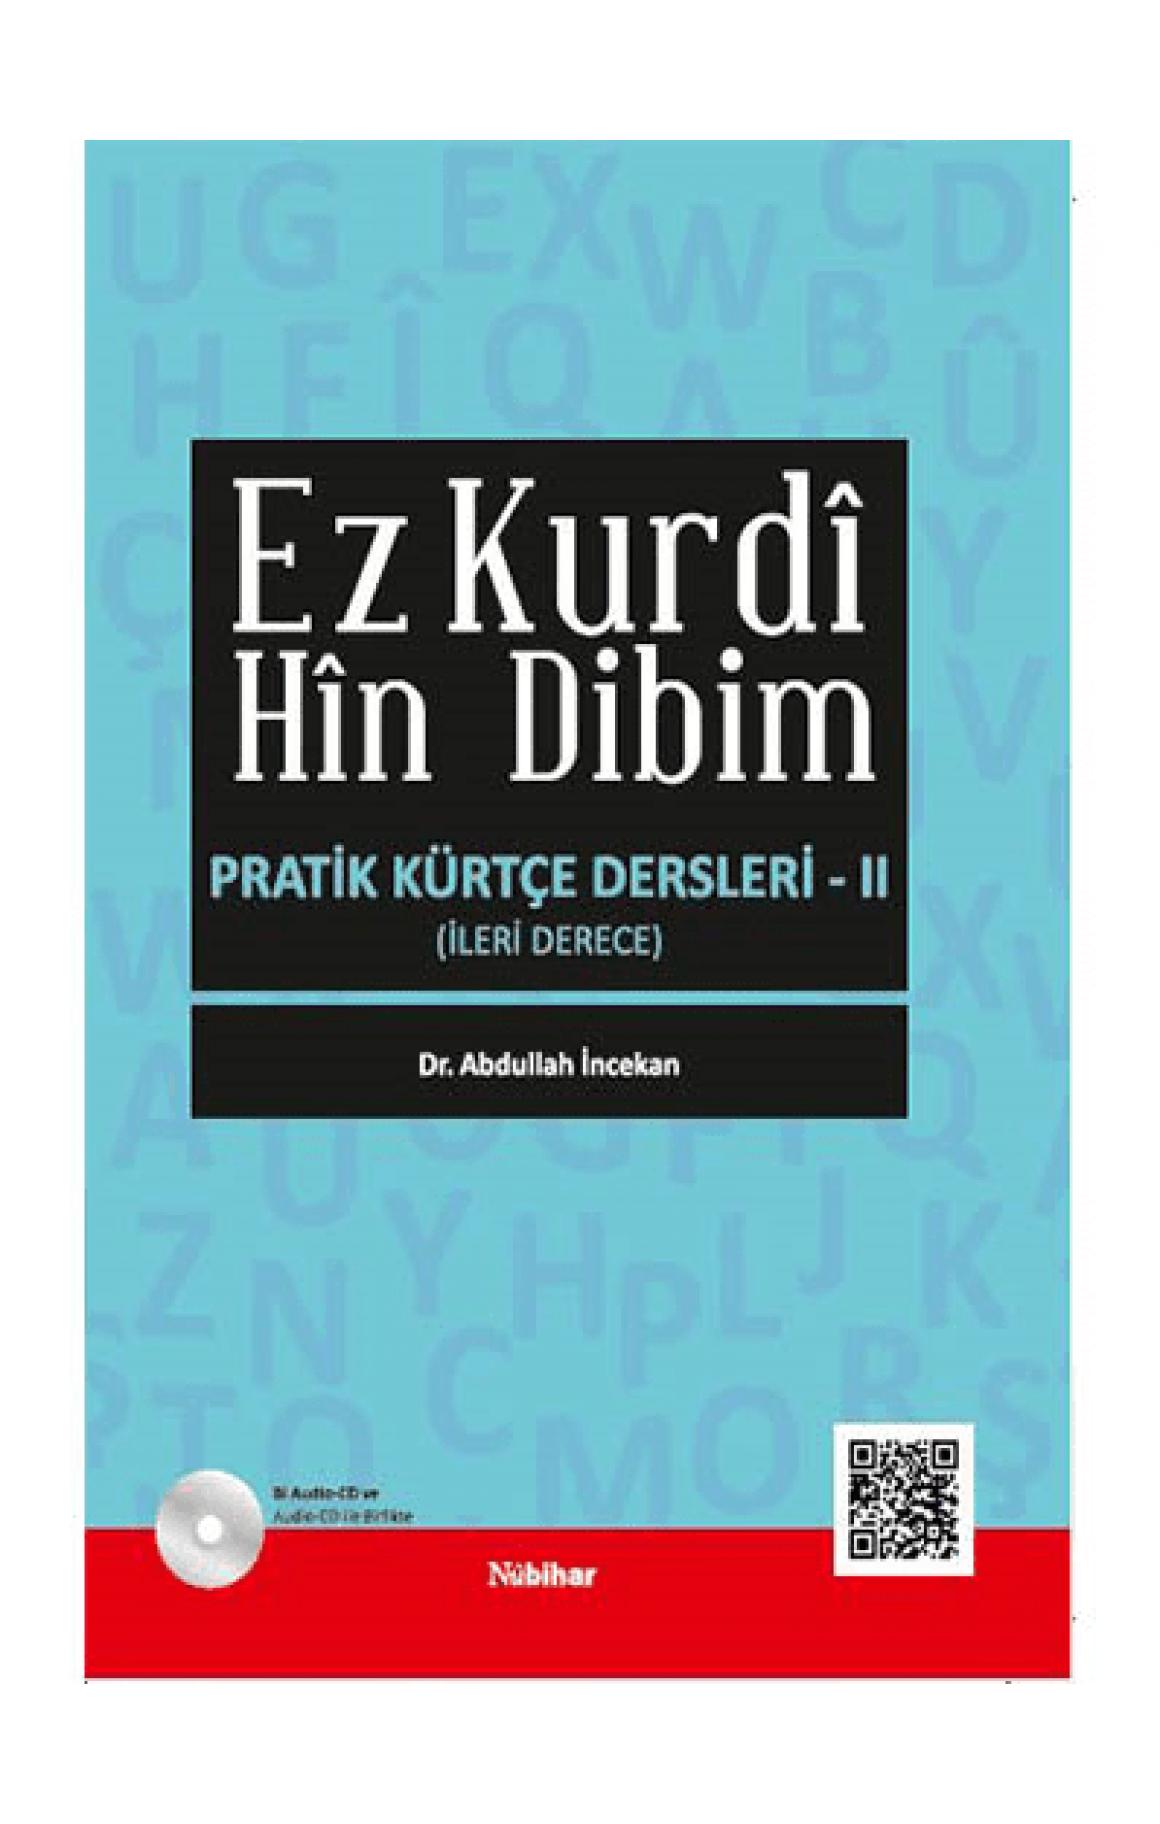 Pratik Kürtçe Dersleri Ez Kurdî Hîn Dibim 2-Ciltli